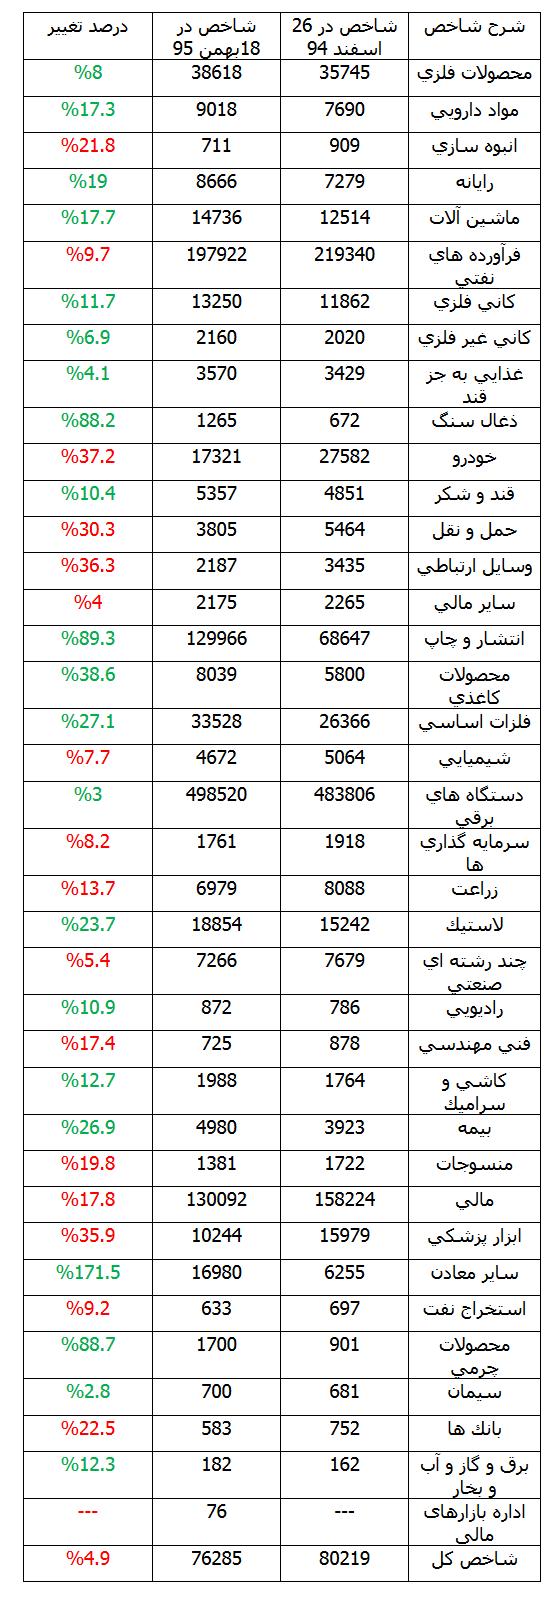 اینجا بورس تهران/متوسط زیان امسال 30 درصد!